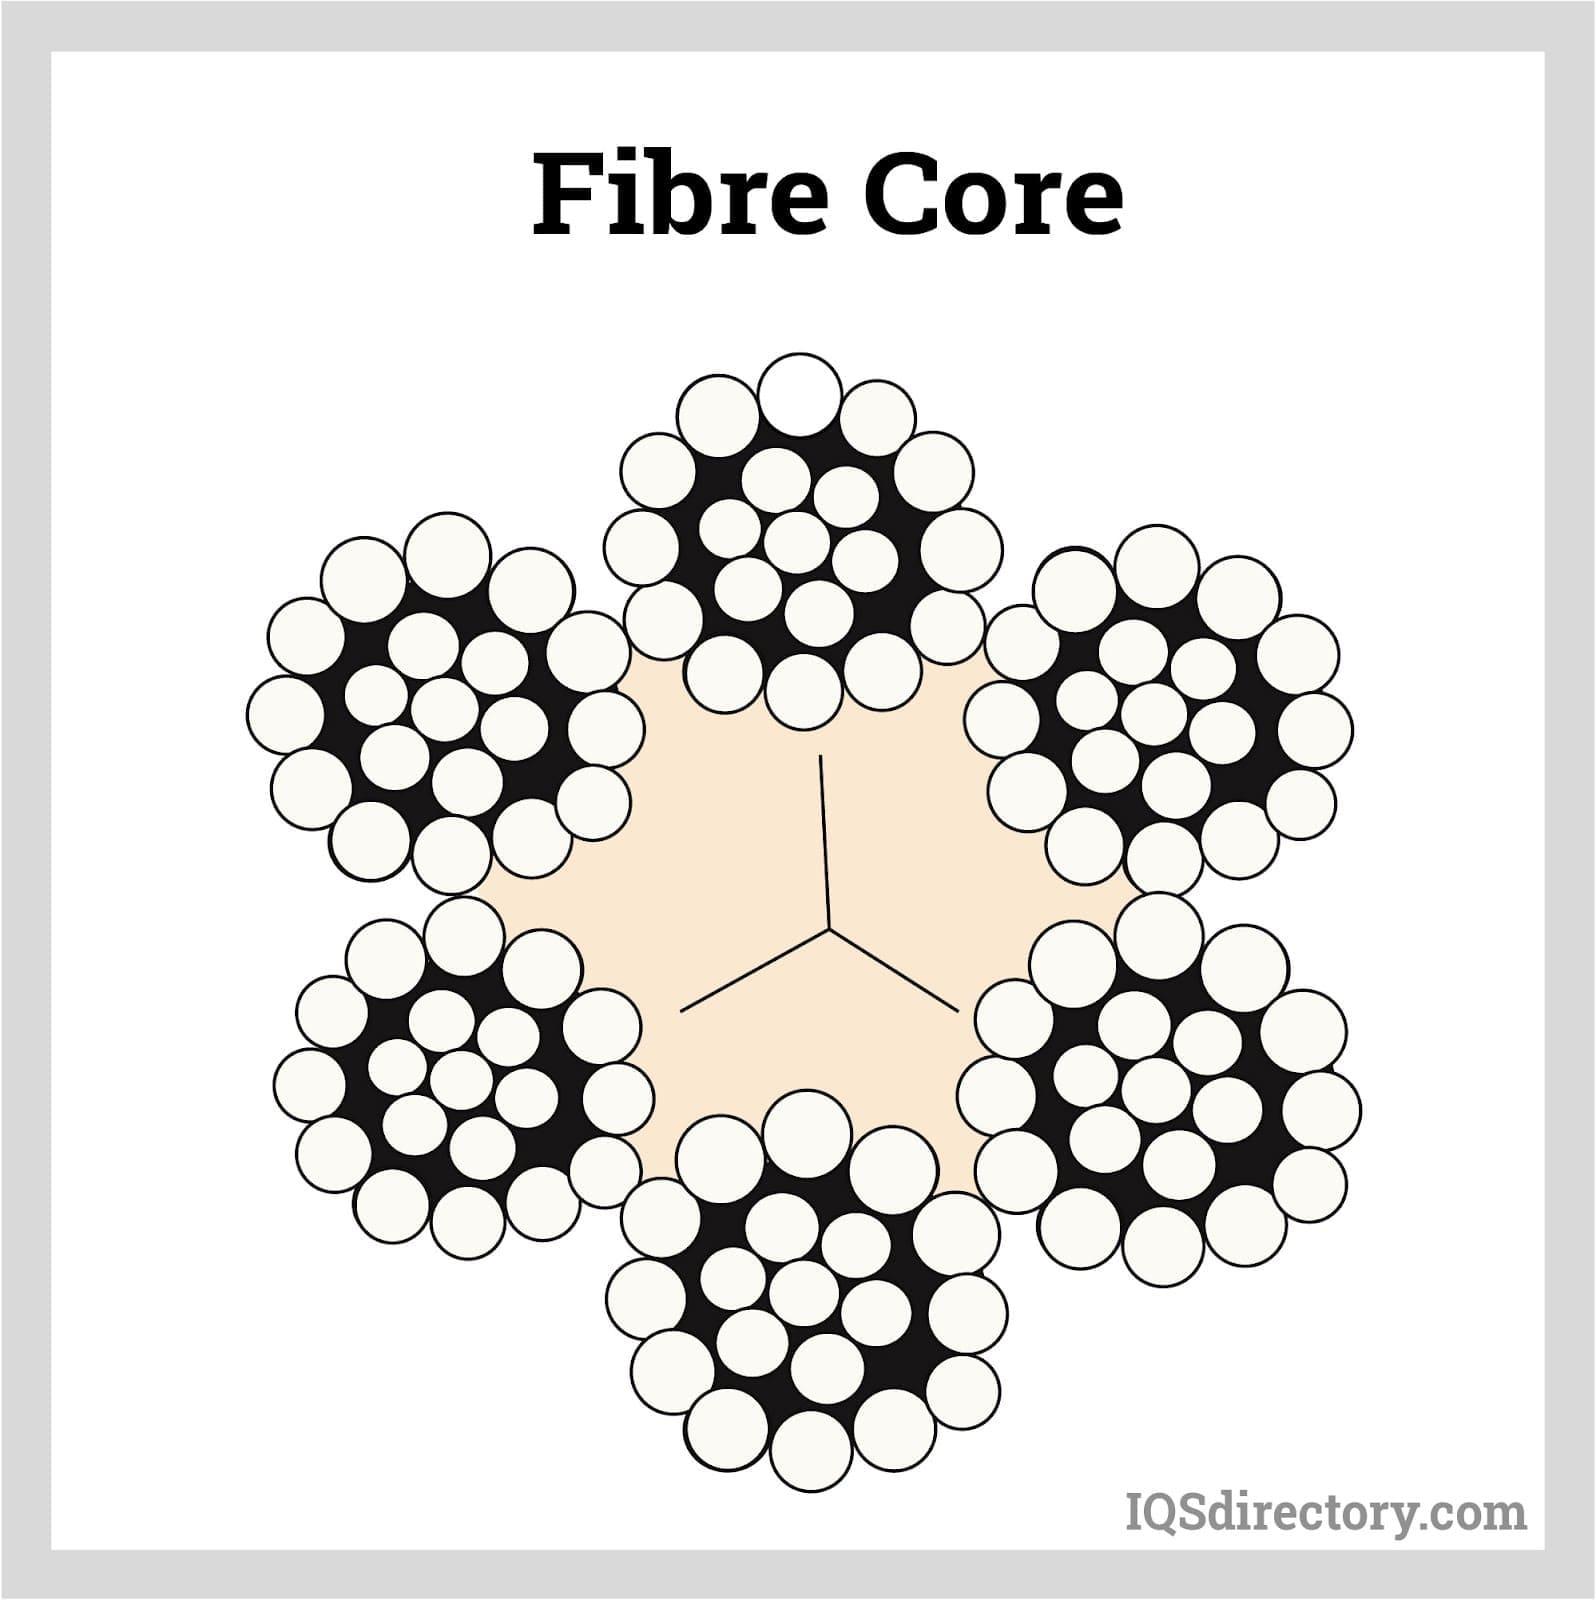 Fibre Core